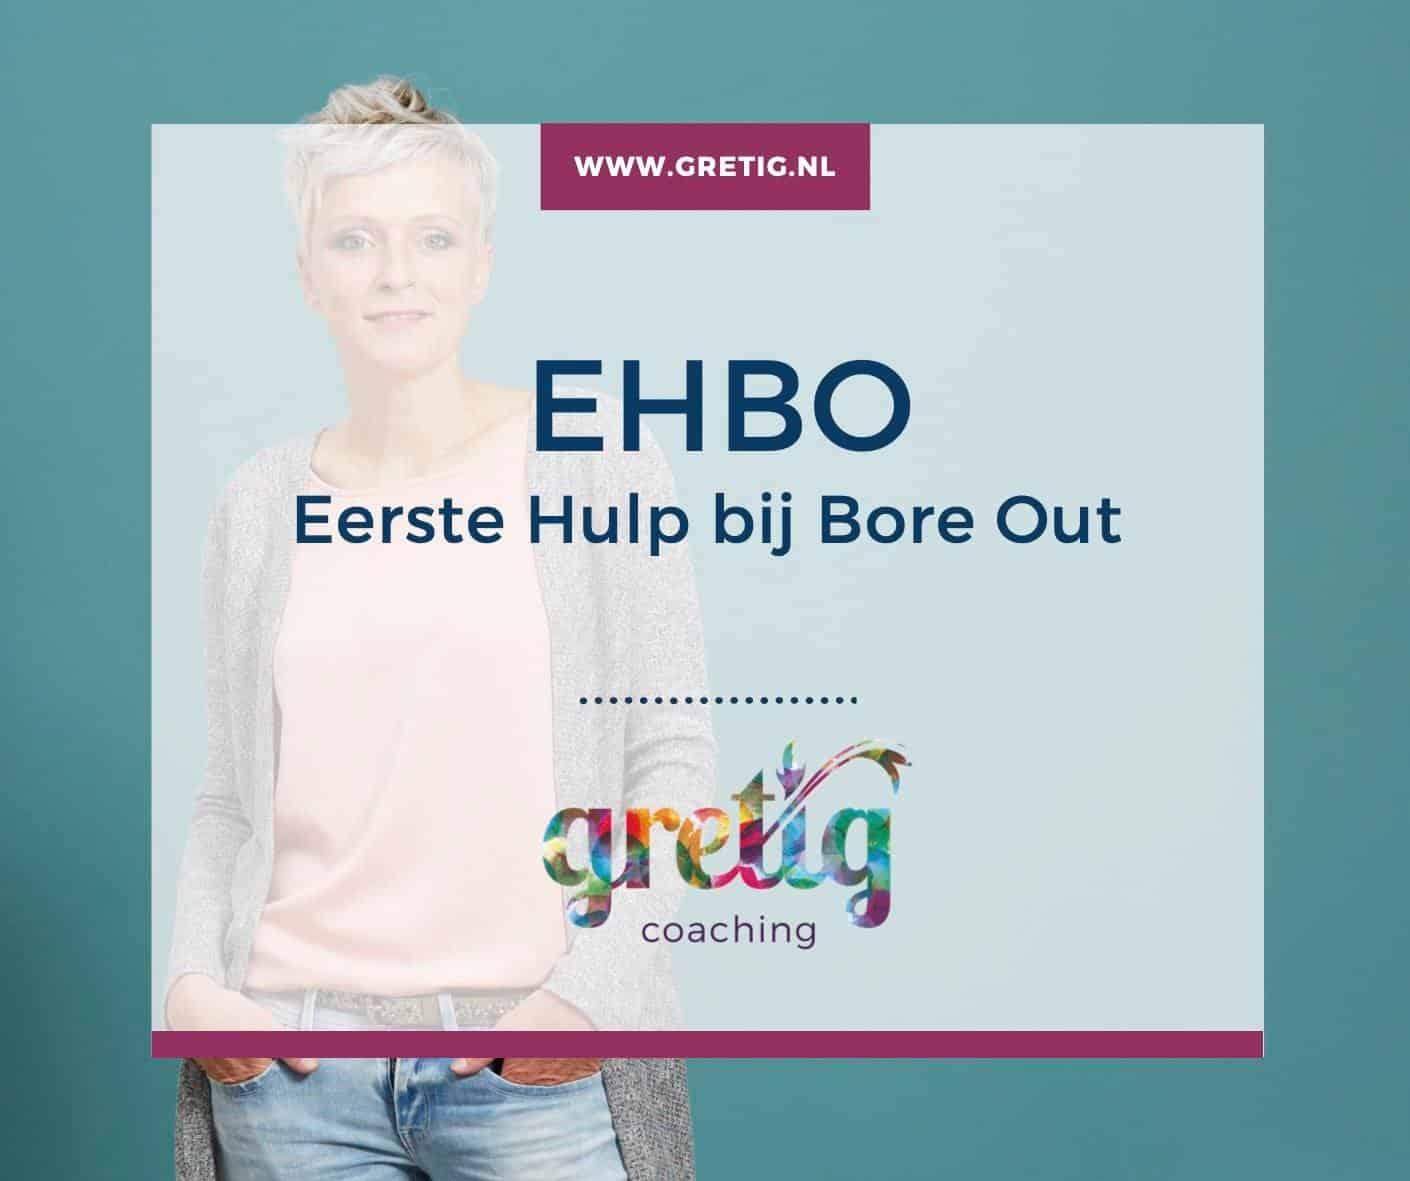 EHBO – Eerste Hulp bij 'Bore Out'